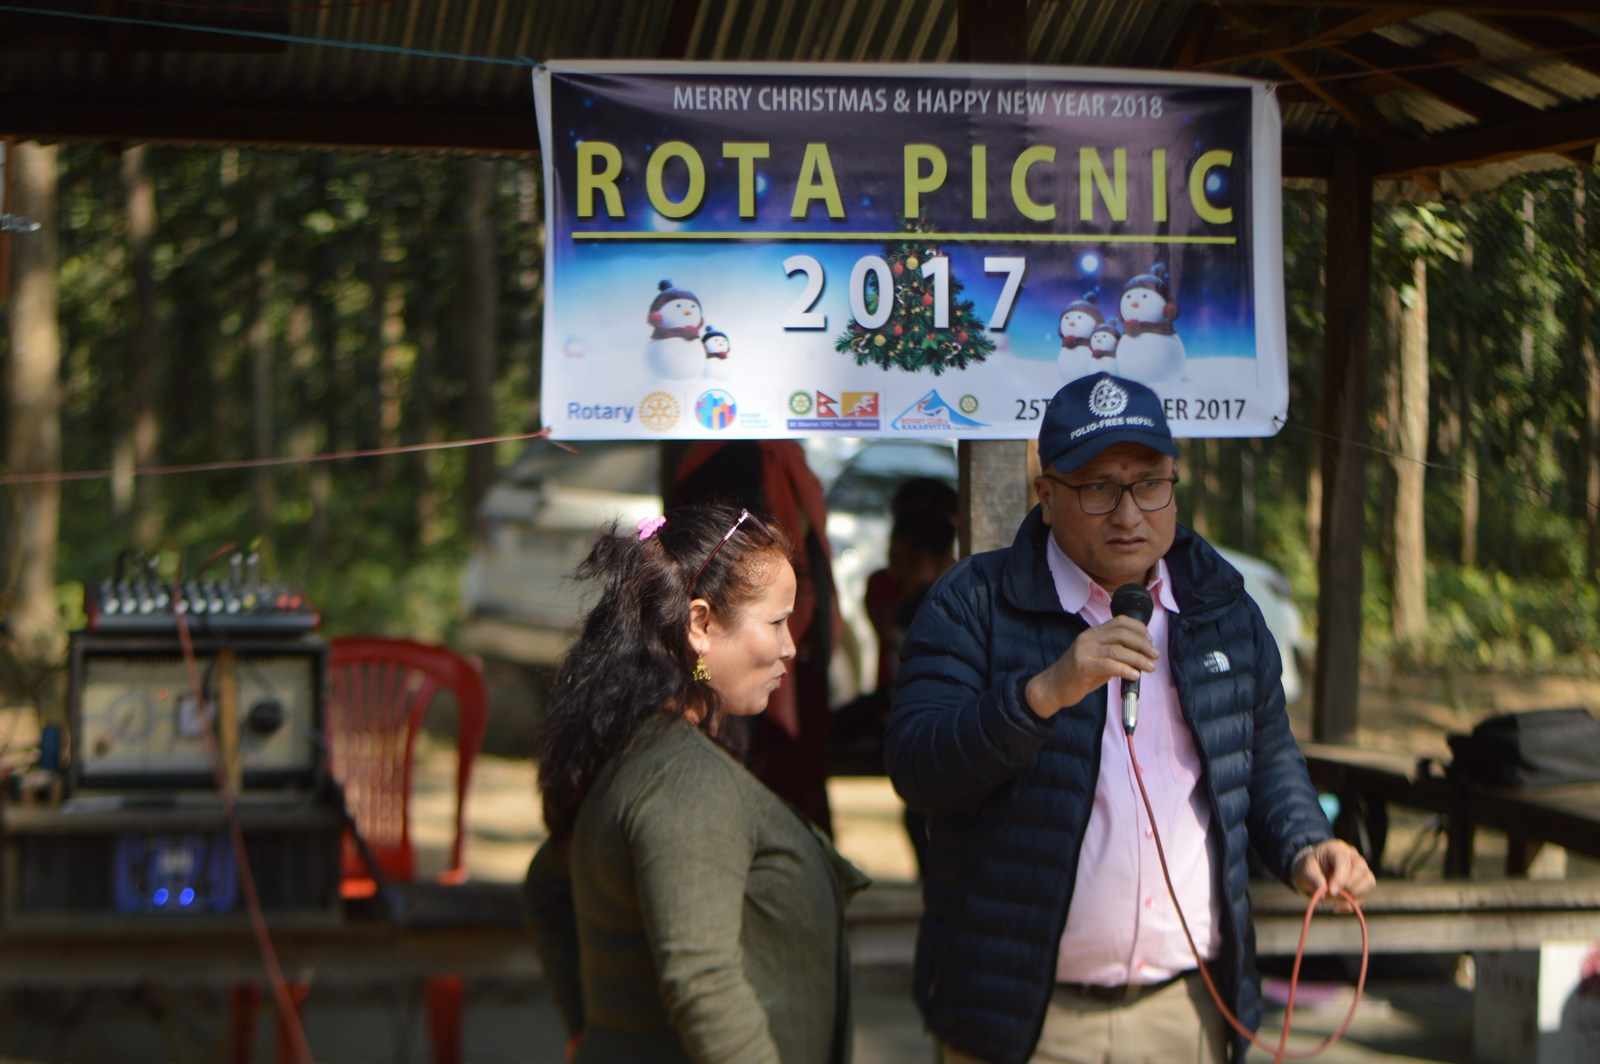 Rota-Picnic-2017-Rotary-Club-of-Kakarvitta-58